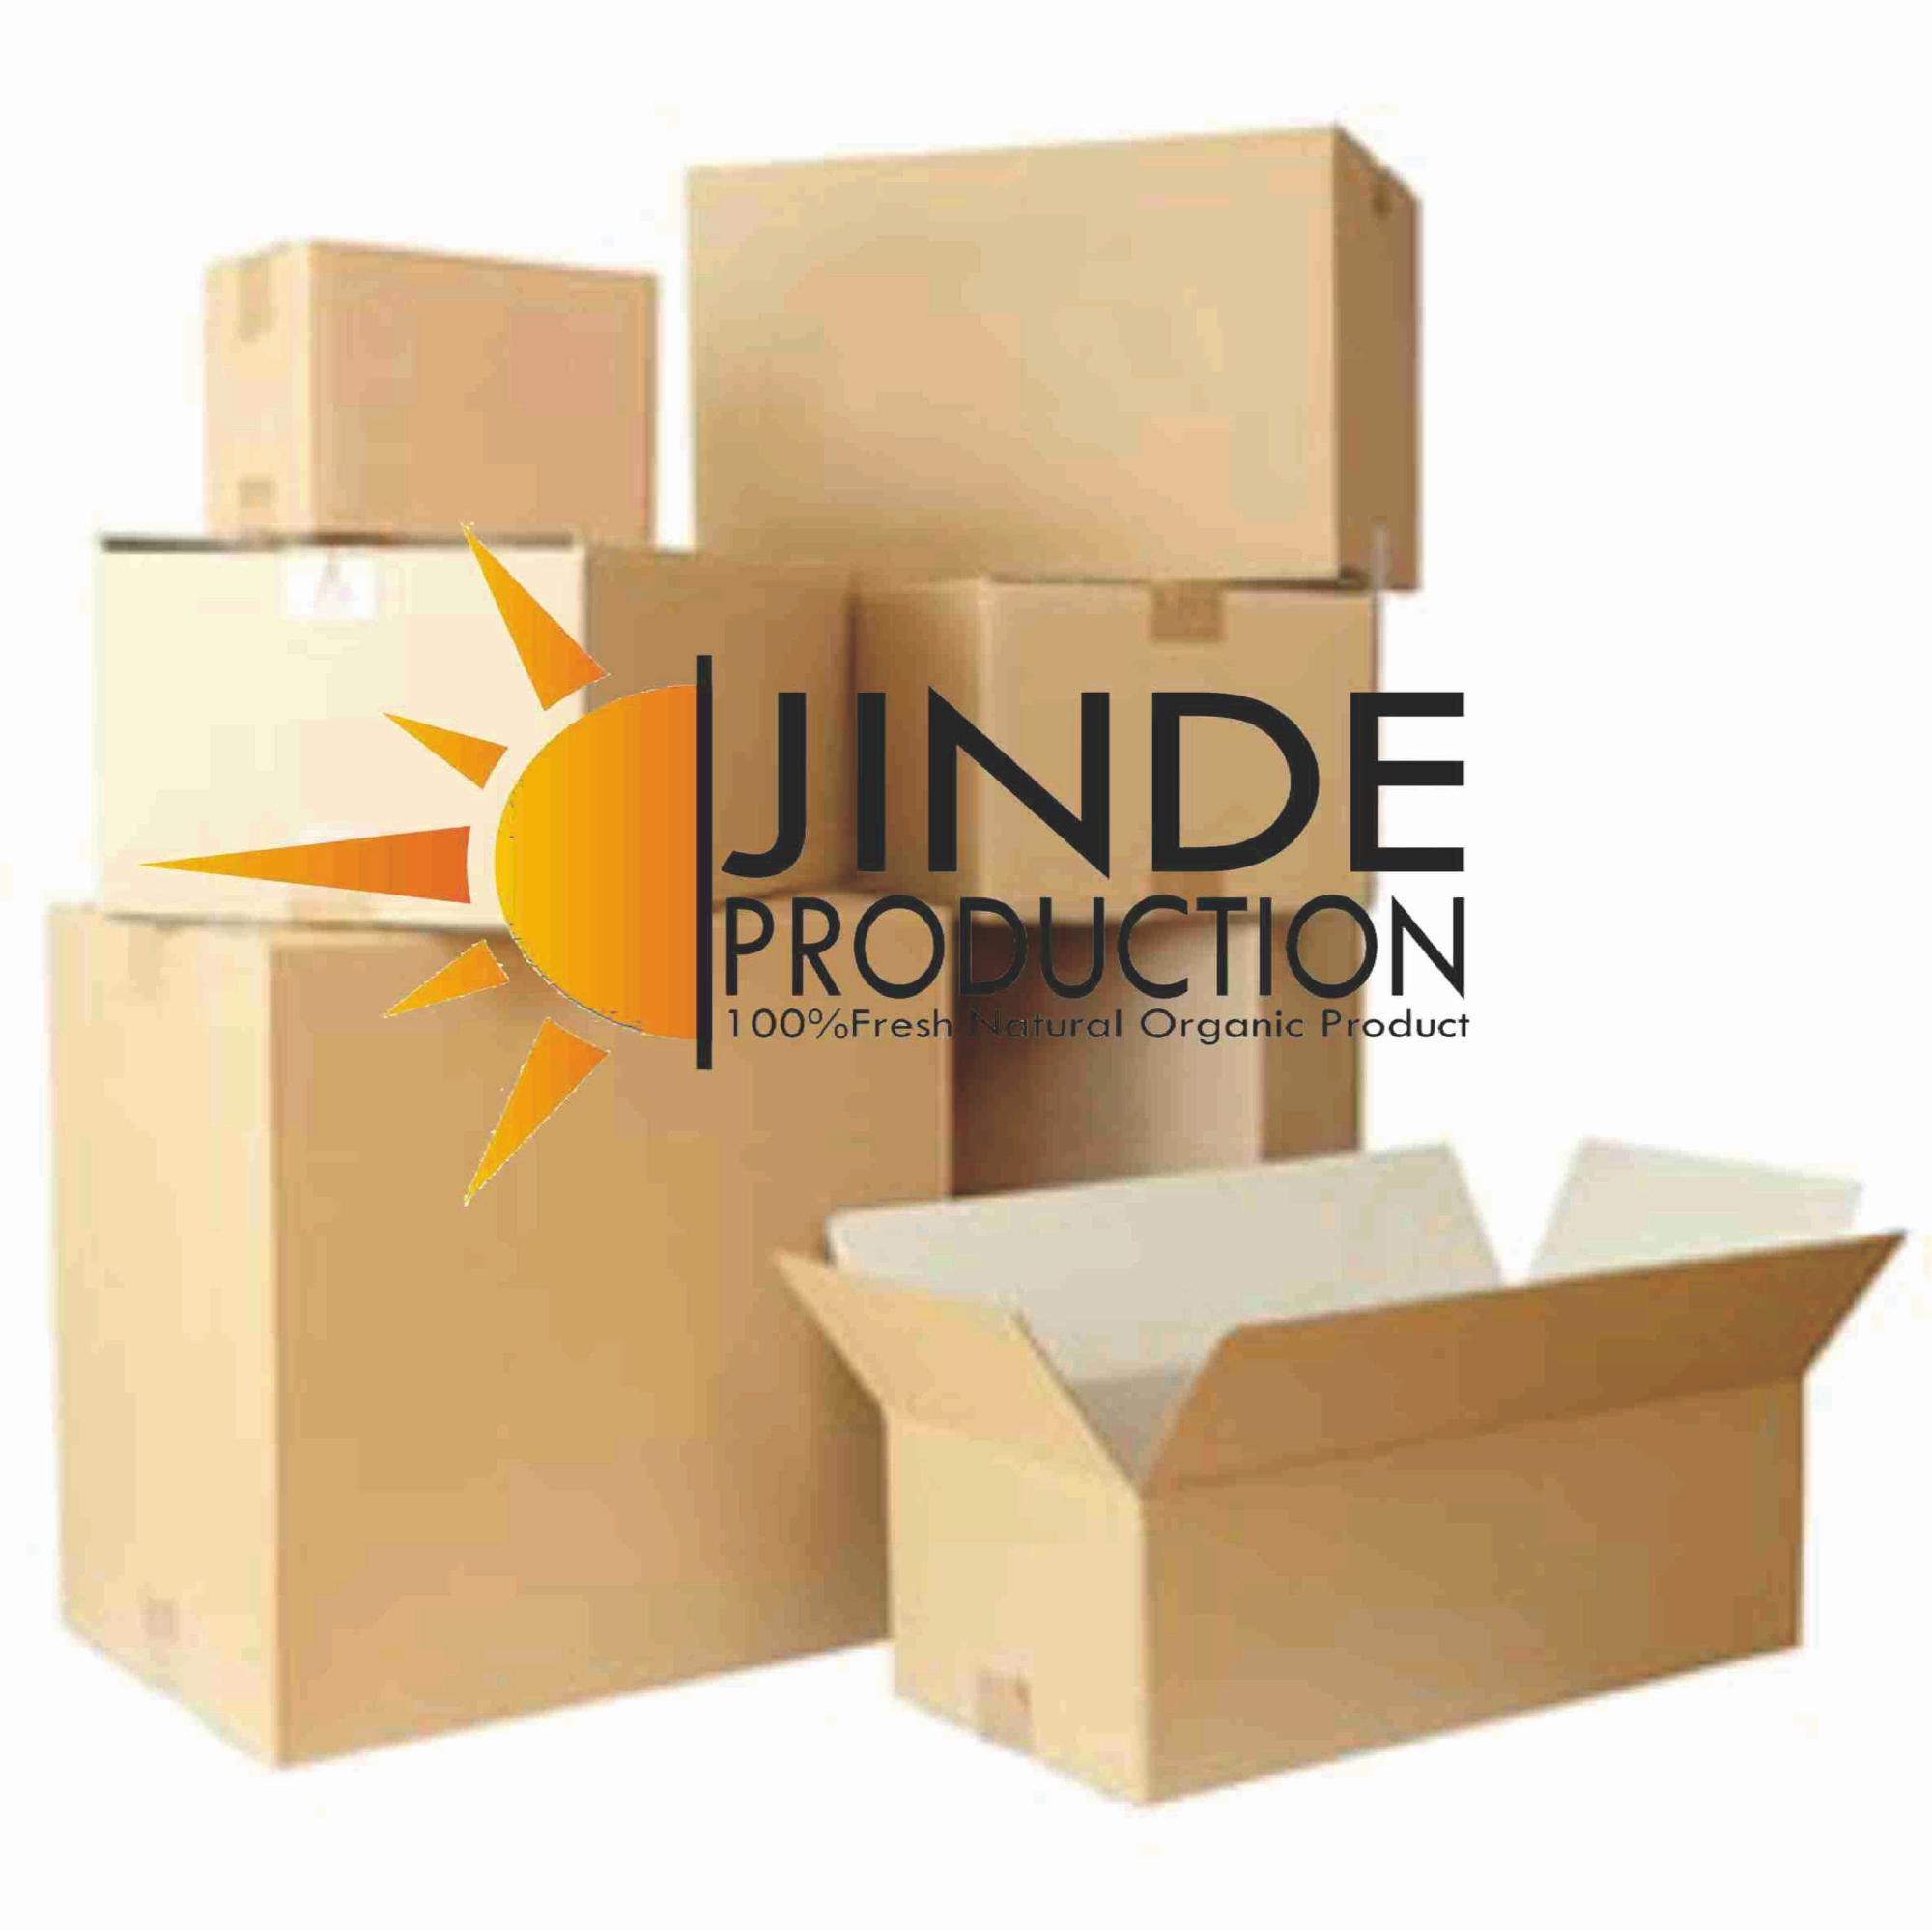 Kardus atau karton box langsung dari pabrik Kardus atau karton box langsung dari pabrik